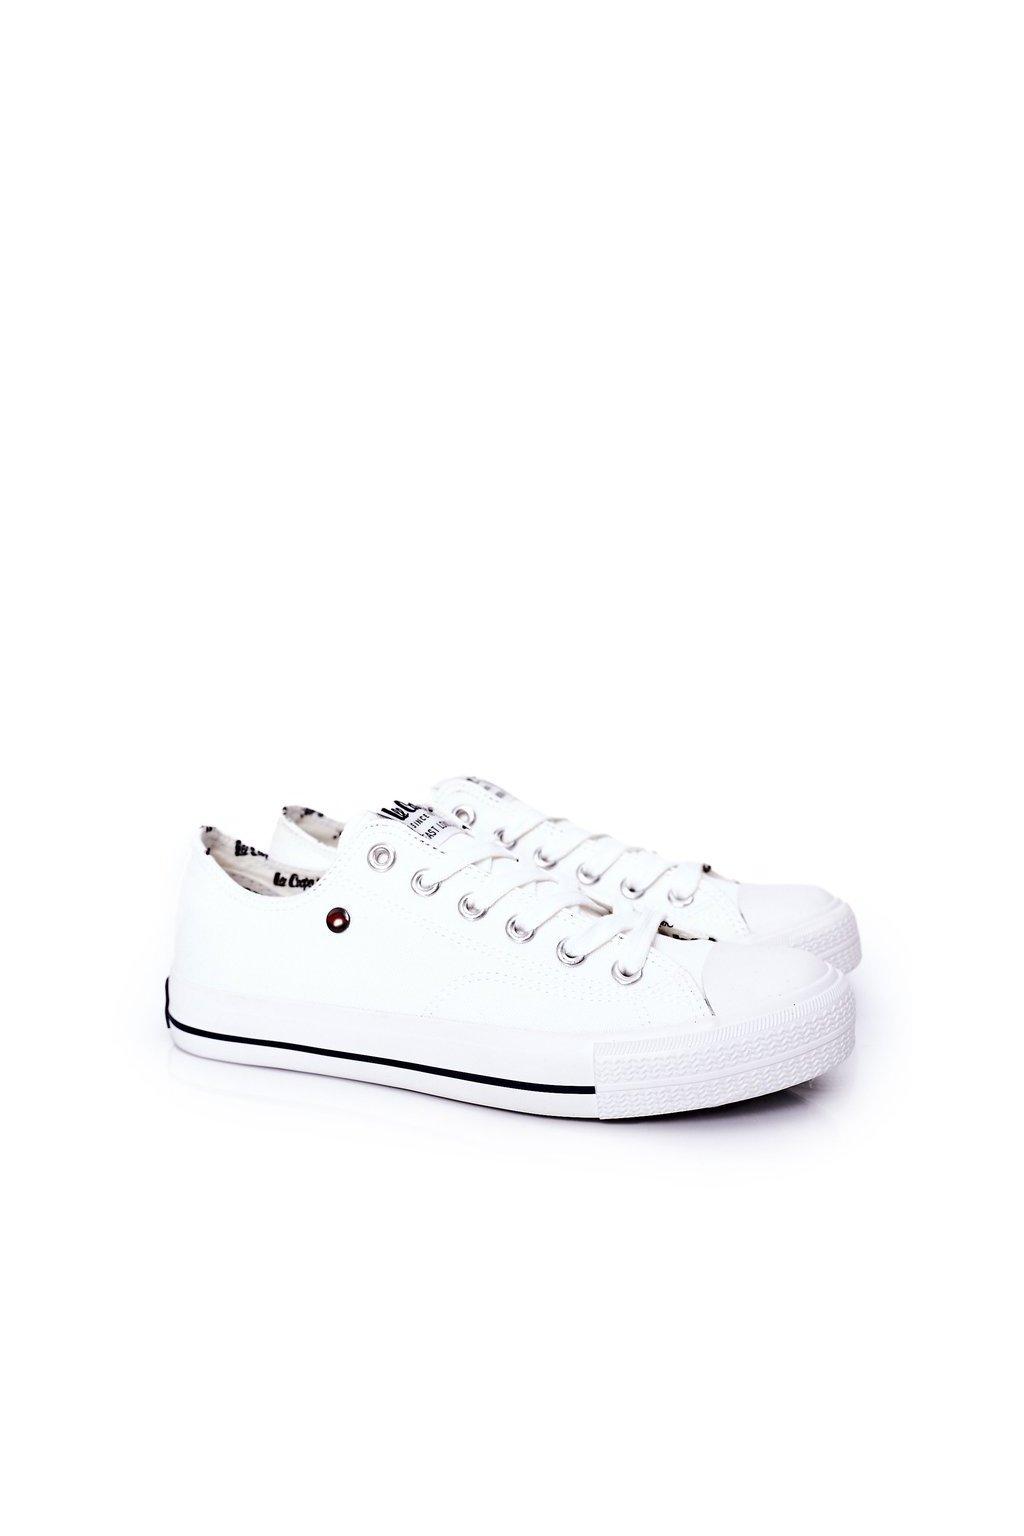 Biela obuv kód topánok LCW-21-31-0315M White